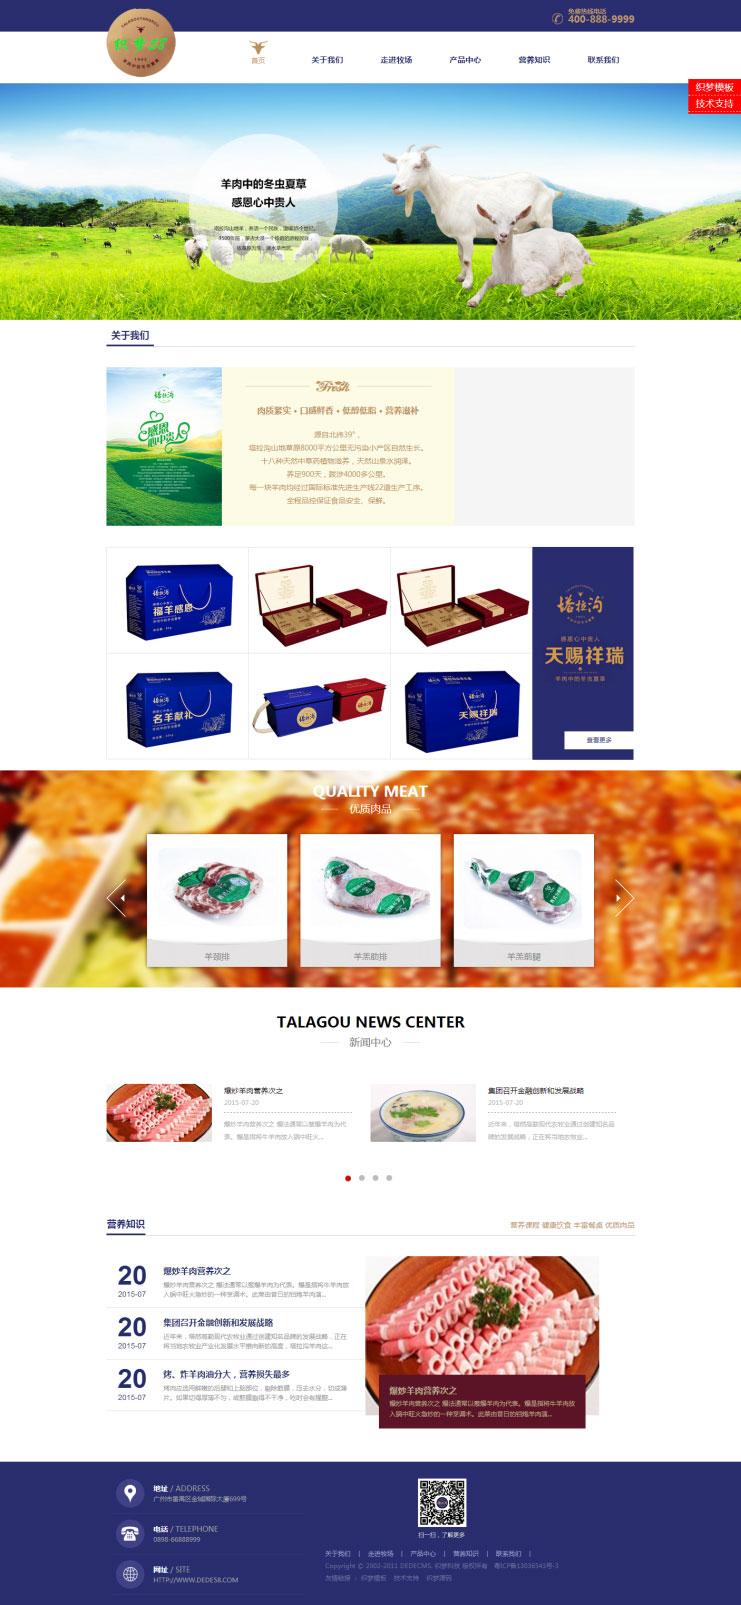 dedecms简洁大气食品餐饮美食行业企业网站织梦模板